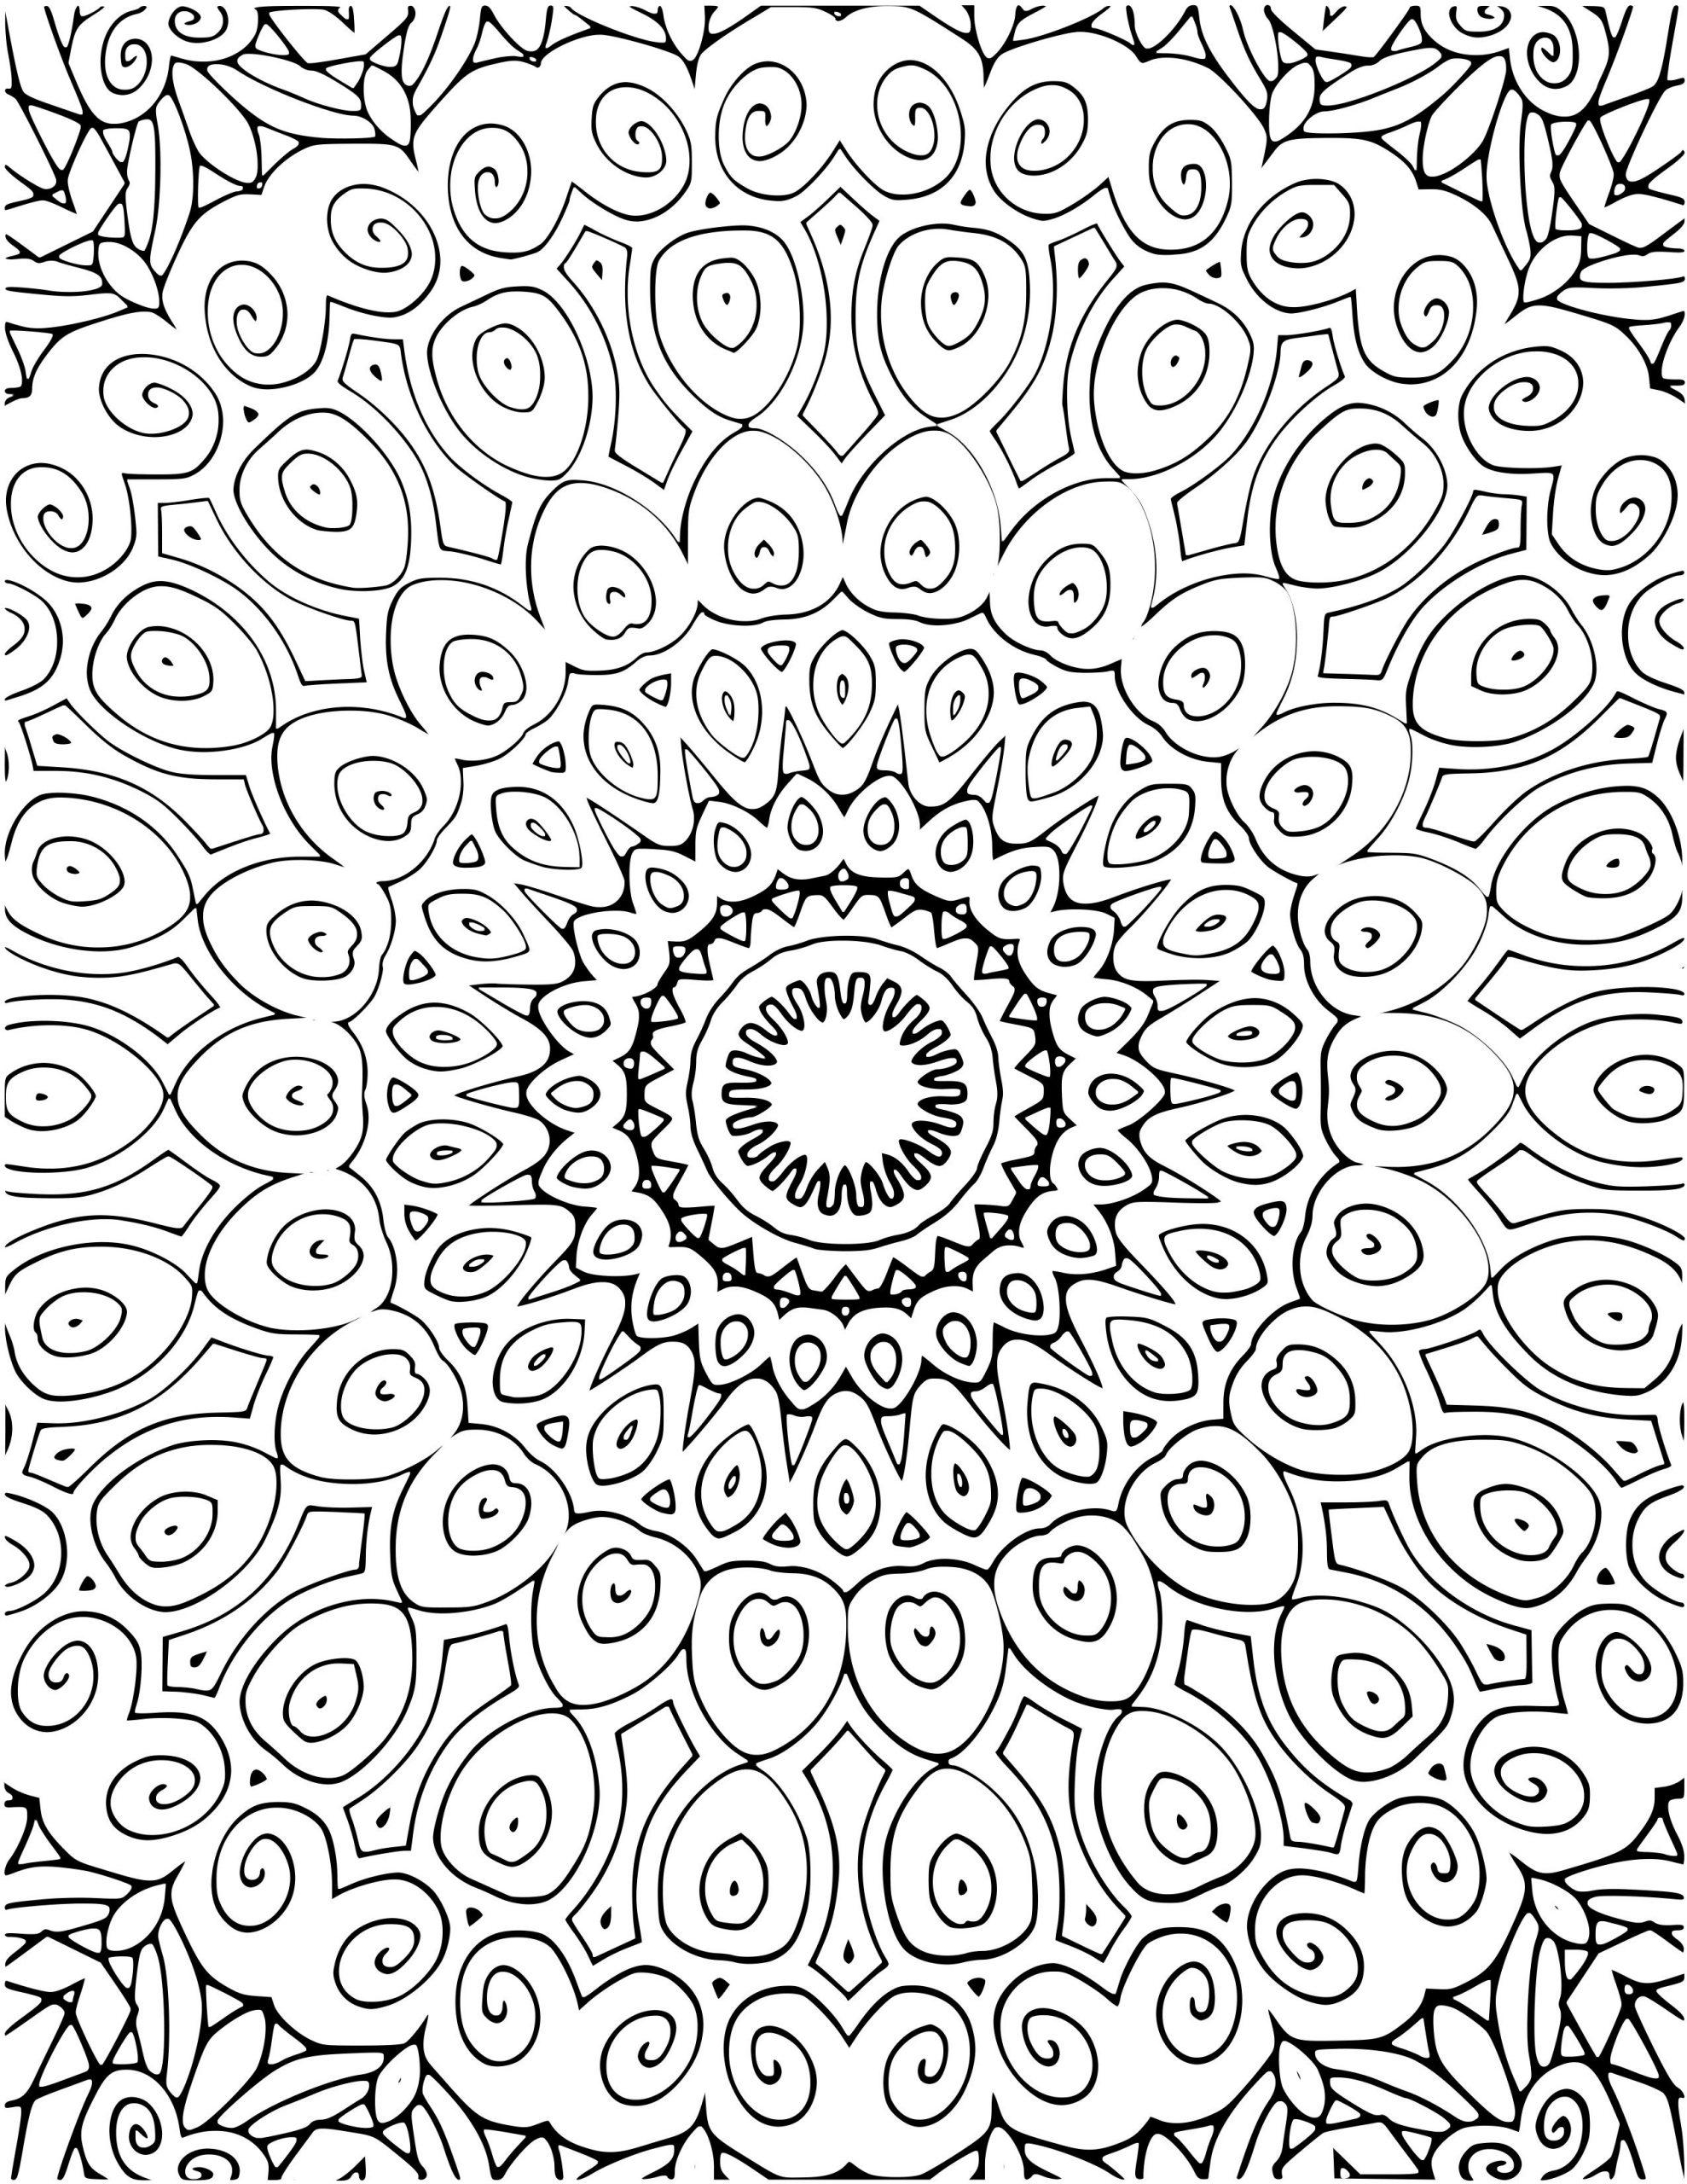 Mandala Ausmalen Für Erwachsene - Ausmalbilder Kostenlos bestimmt für Mandalas Zum Ausmalen Für Erwachsene